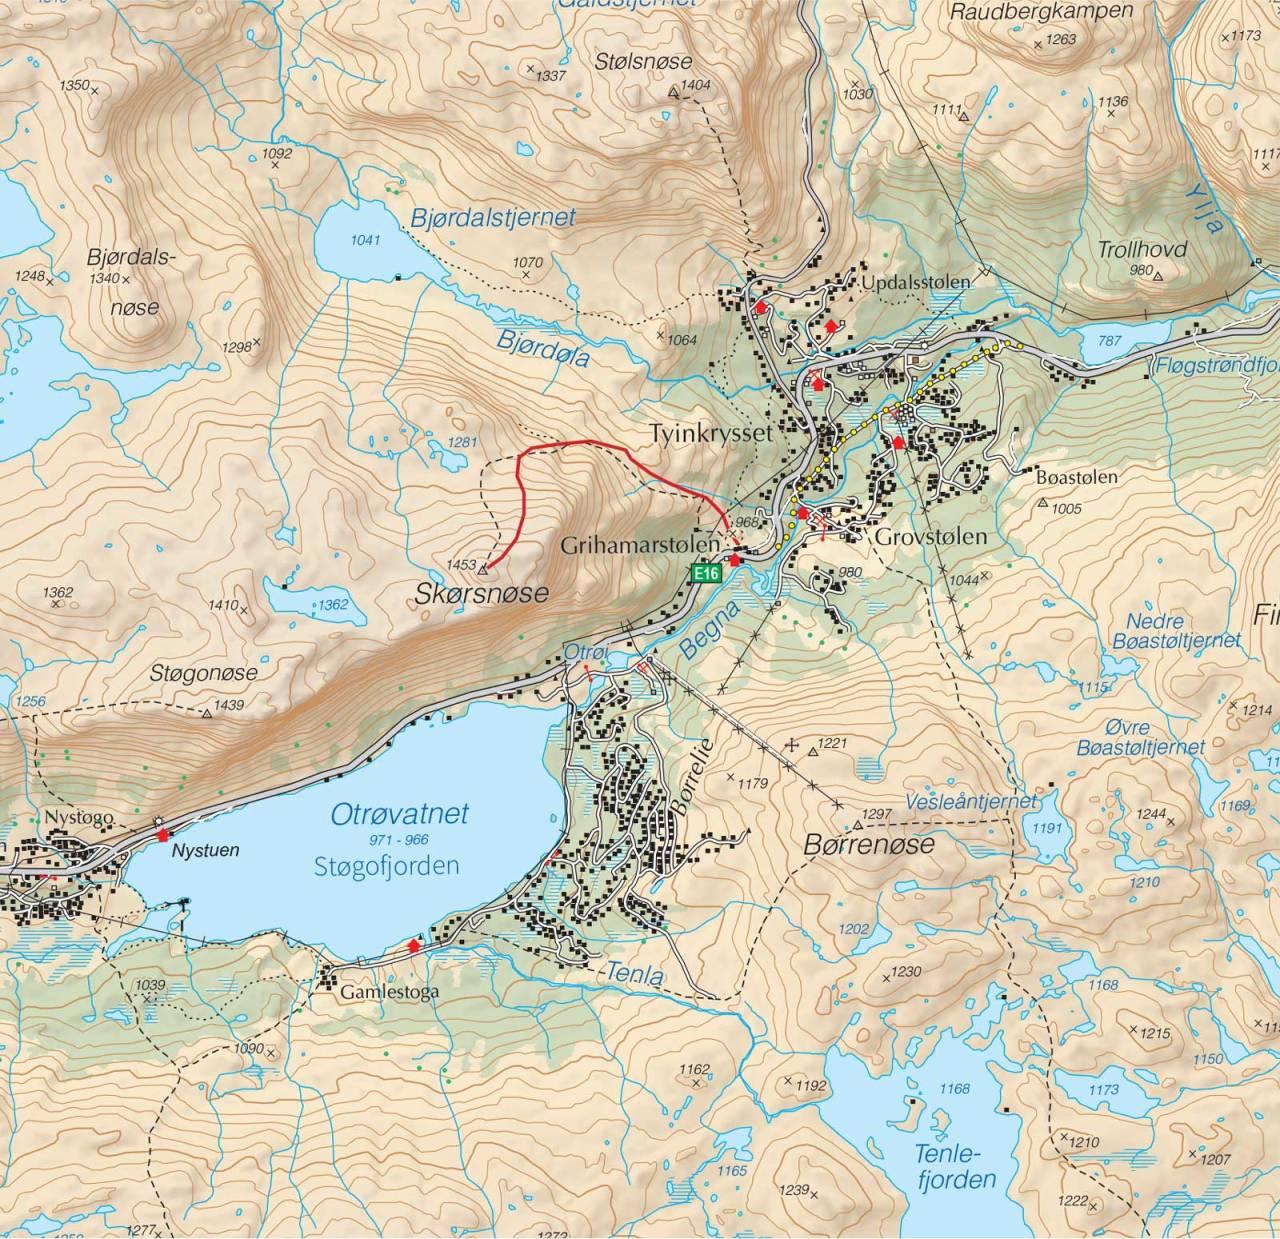 Kart over Skørsnøse med inntegnet rute. Fra Trygge toppturer